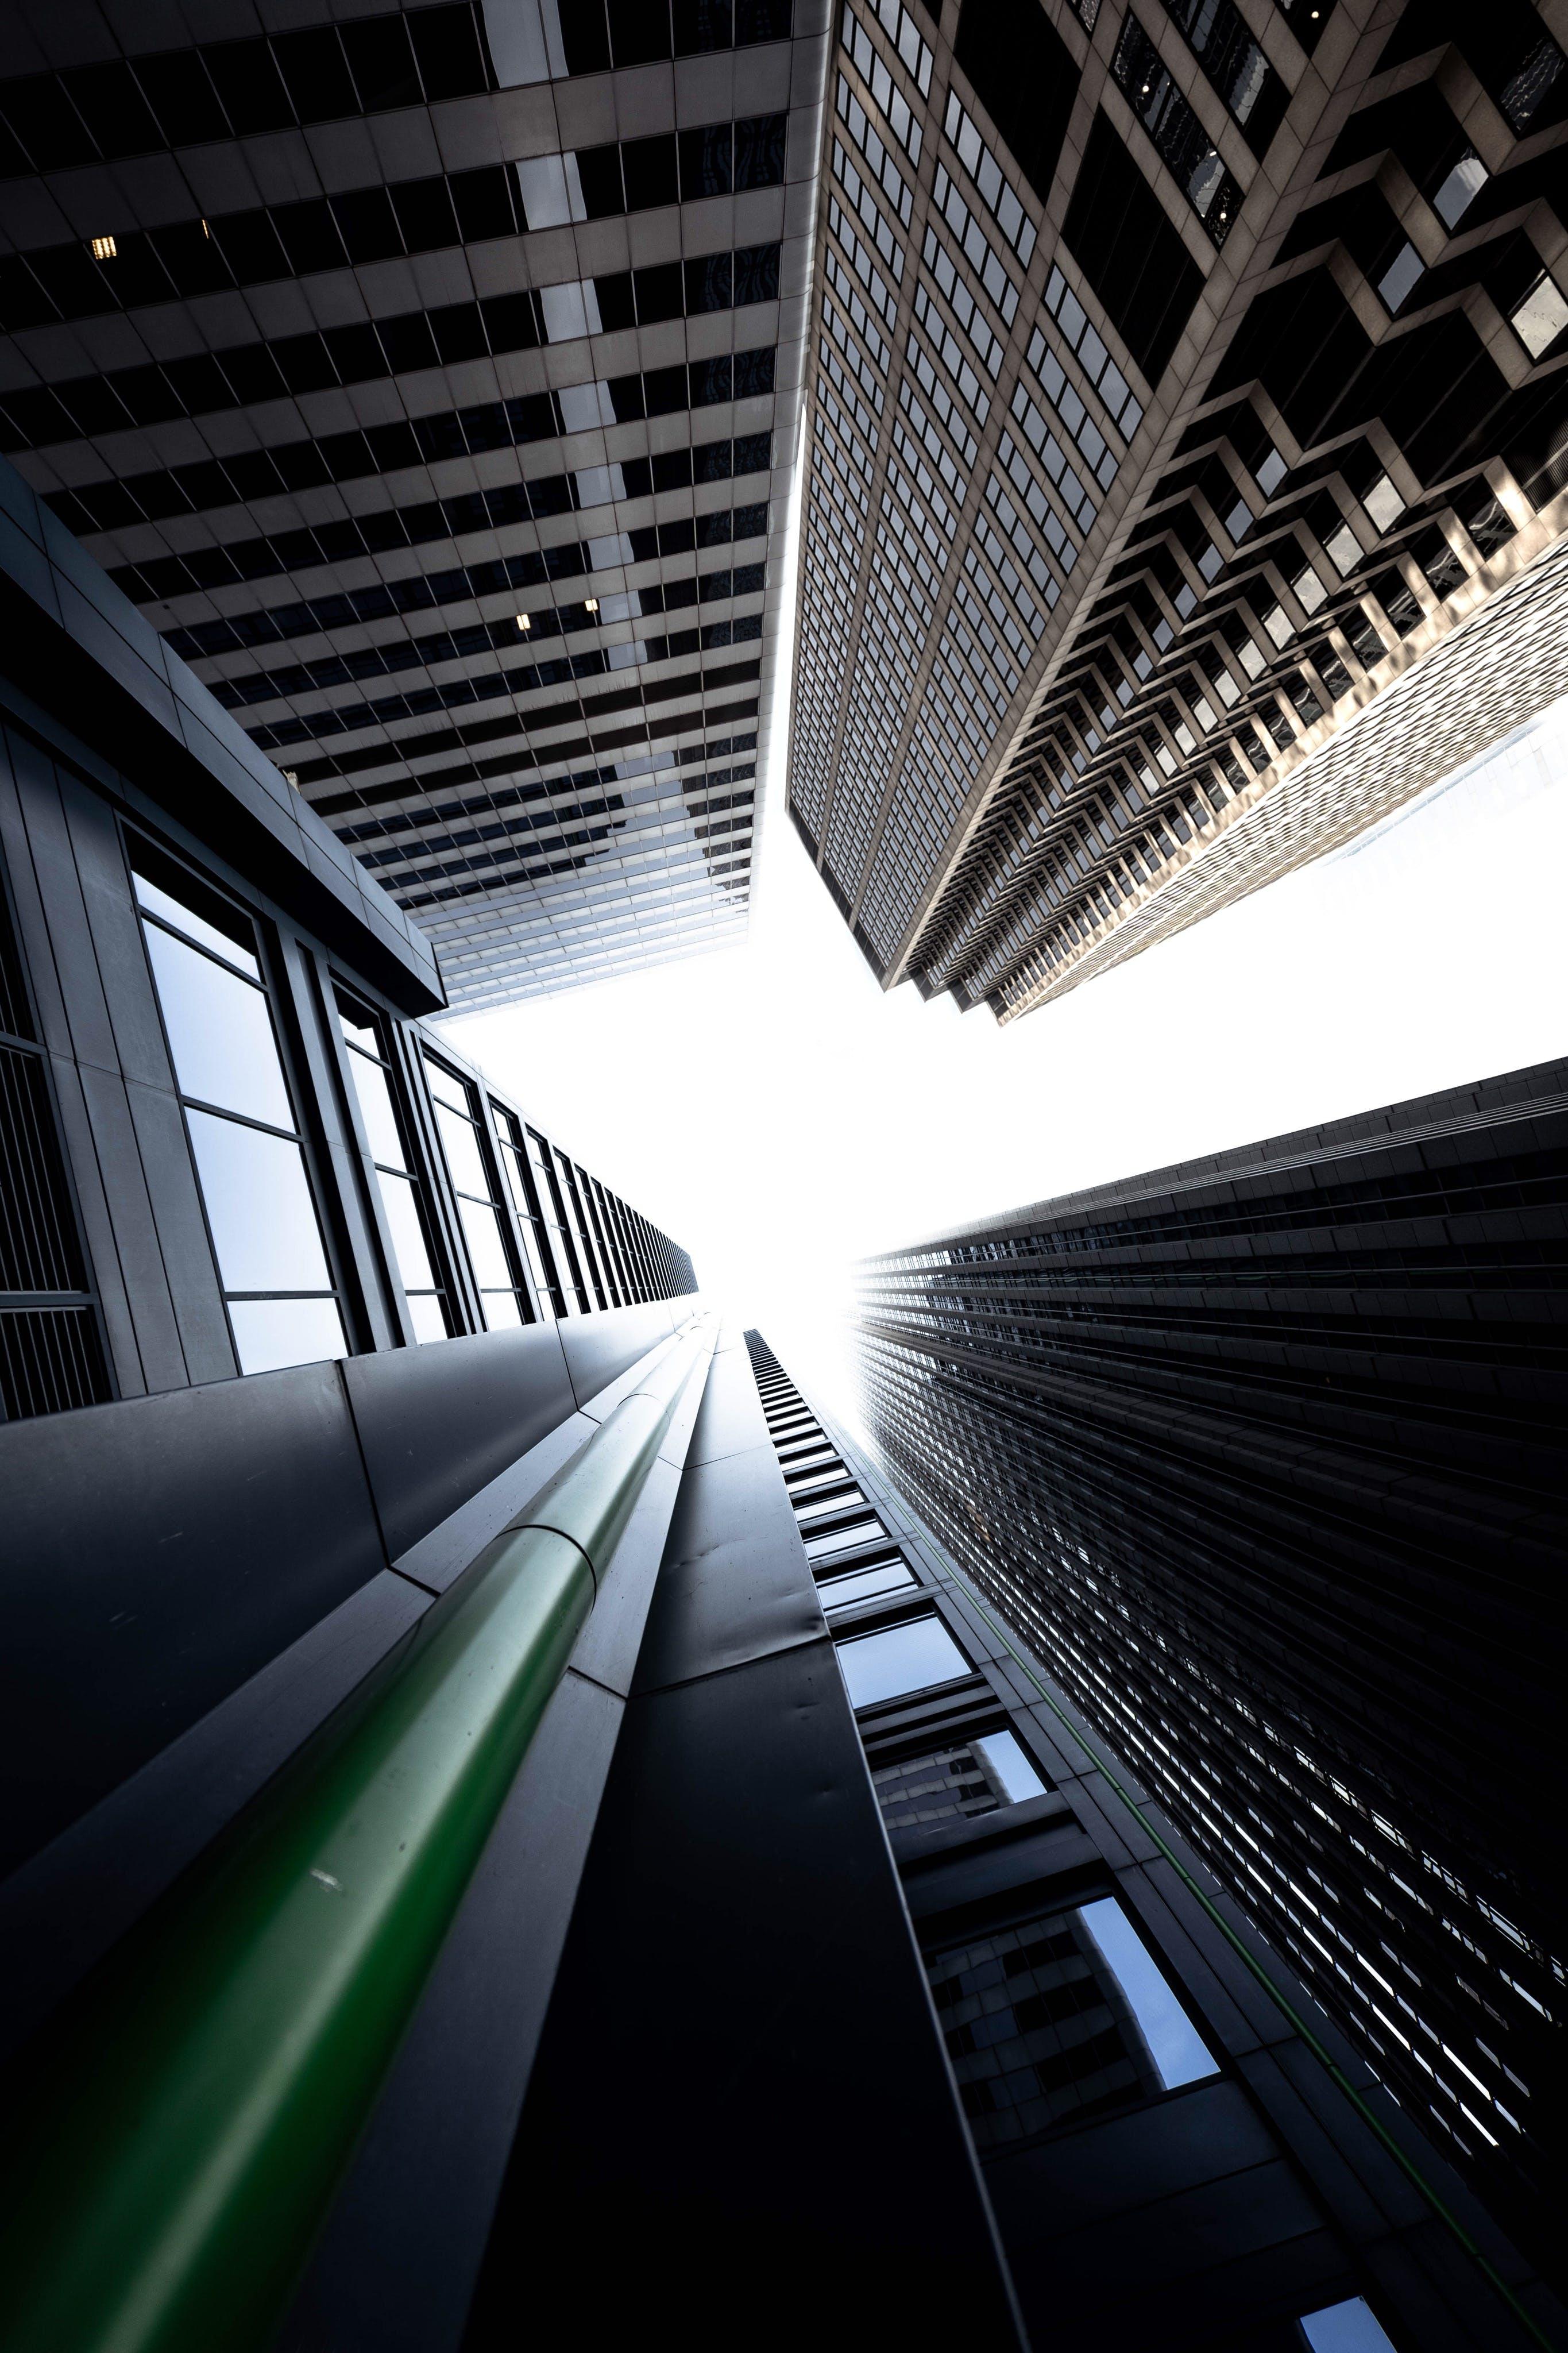 건물, 건축, 고층 건물, 도시의 무료 스톡 사진